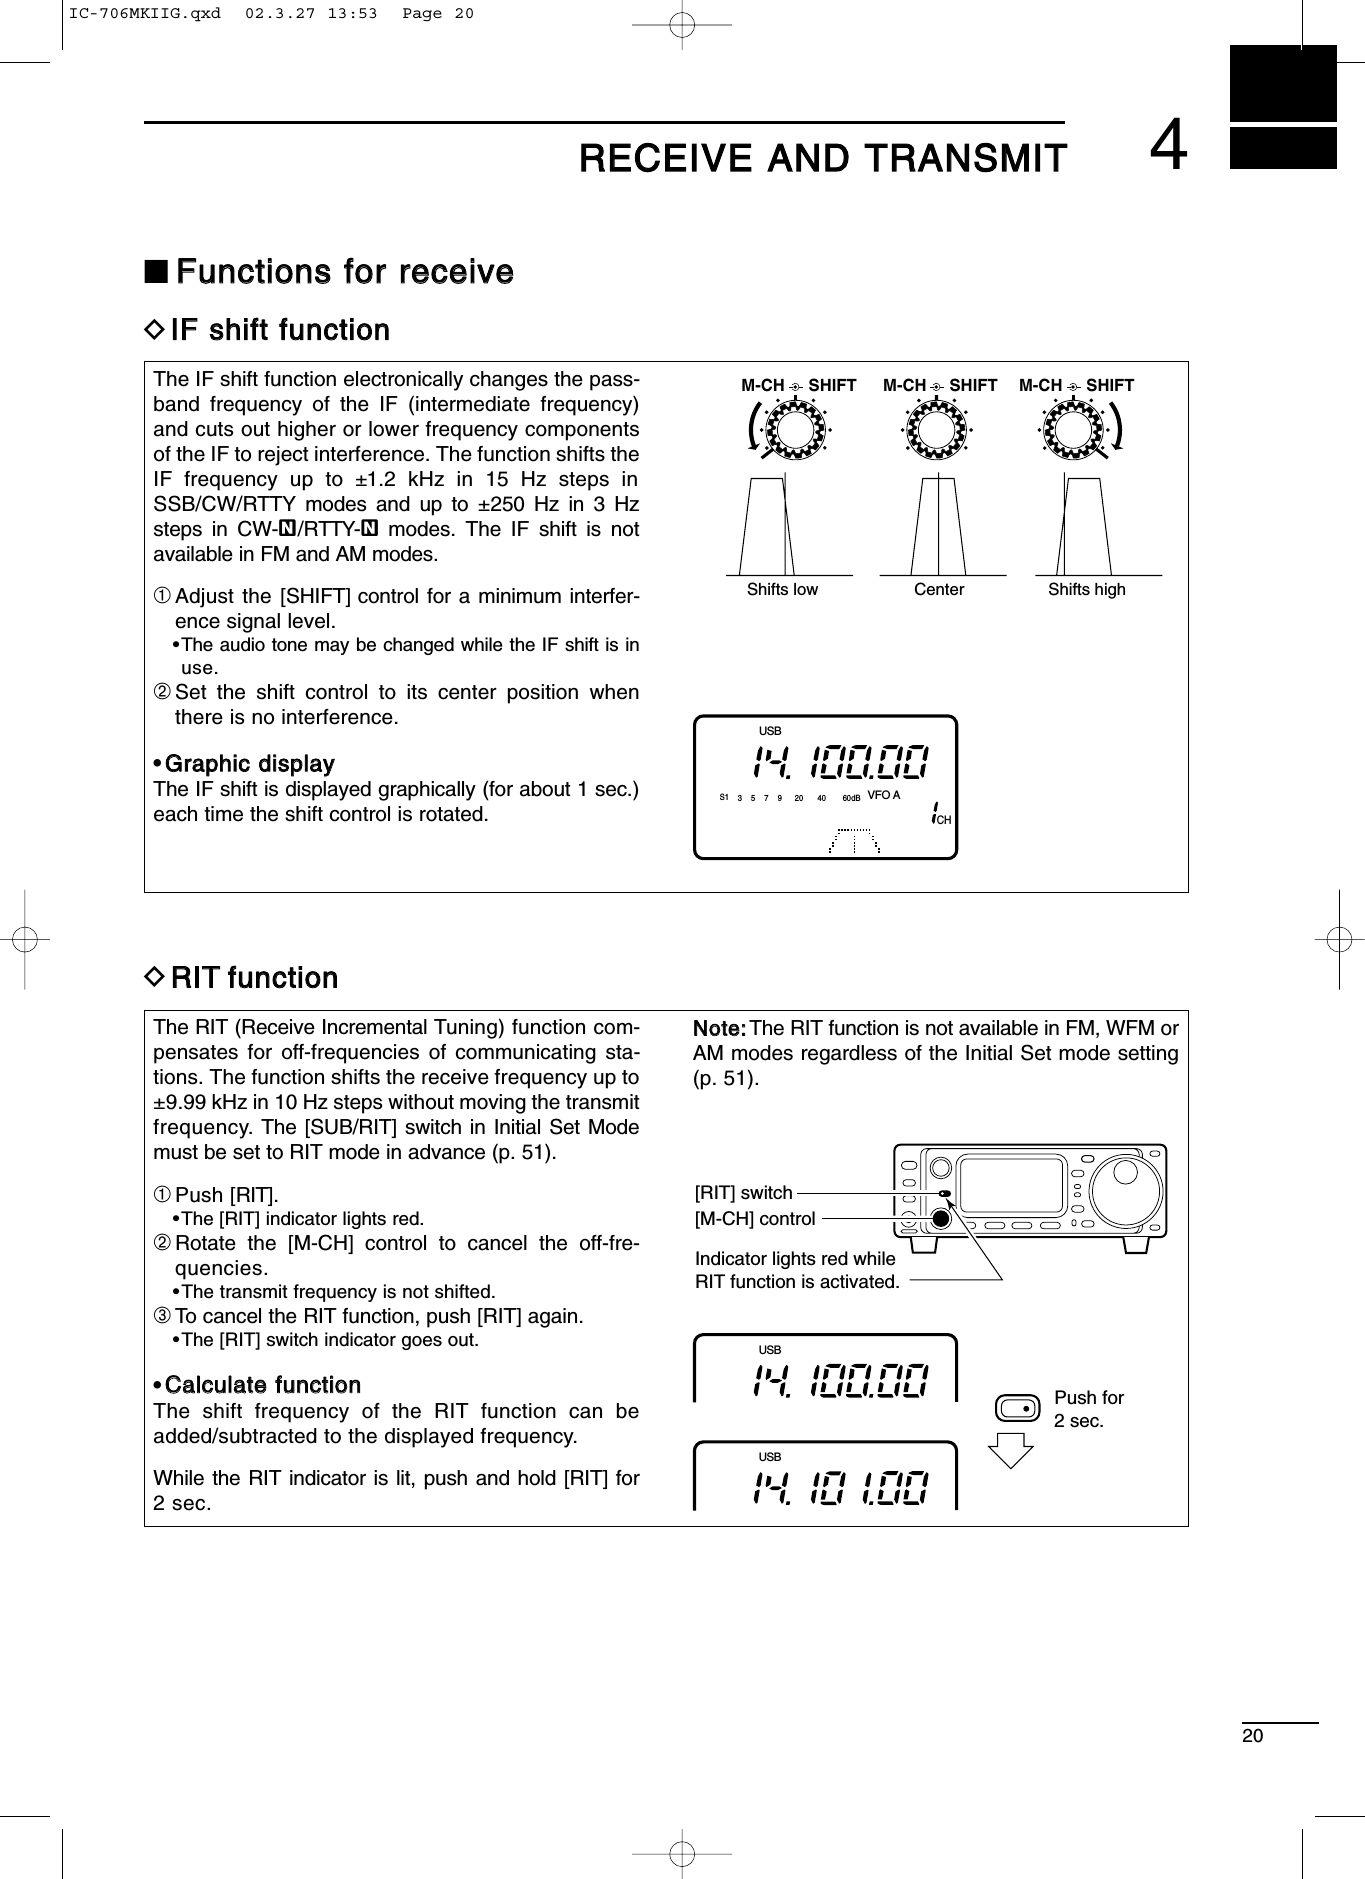 Lit 2 Metre Magnifique Vhf Uhf Amateur Transceiver User Manual Ic 706mkiig